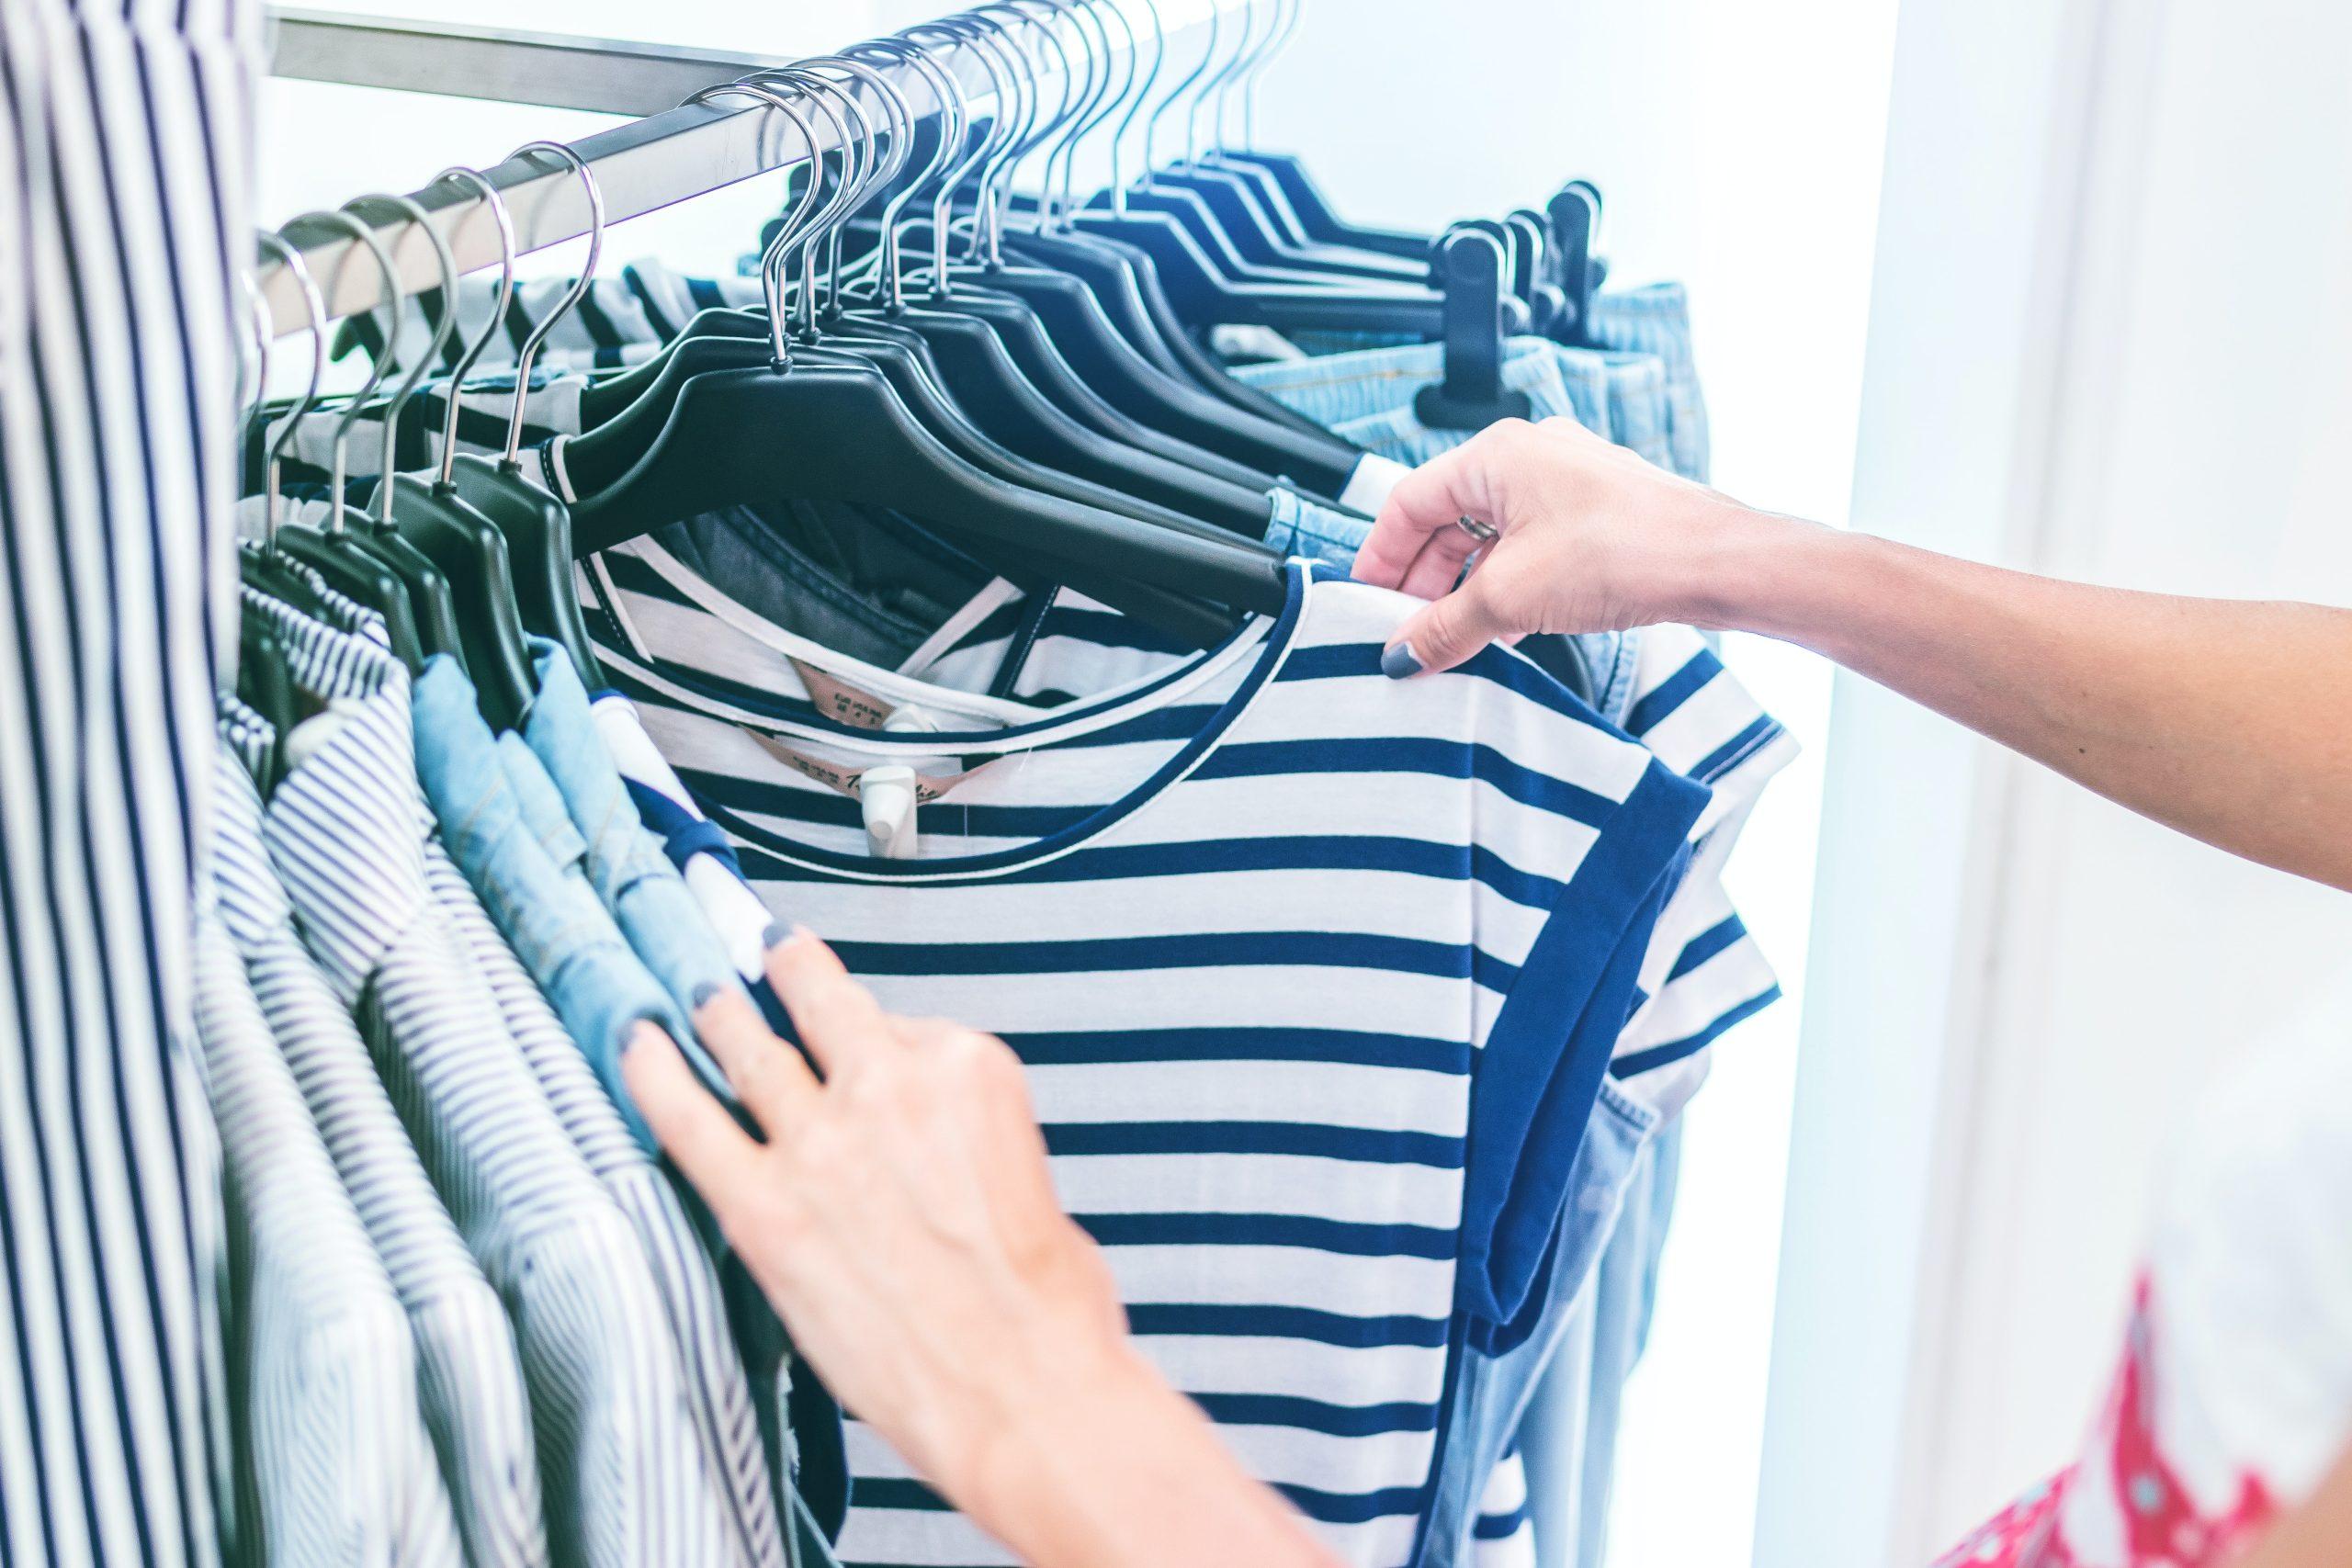 Descubra aqui como vender mais roupas e aumentar seus rendimentos!